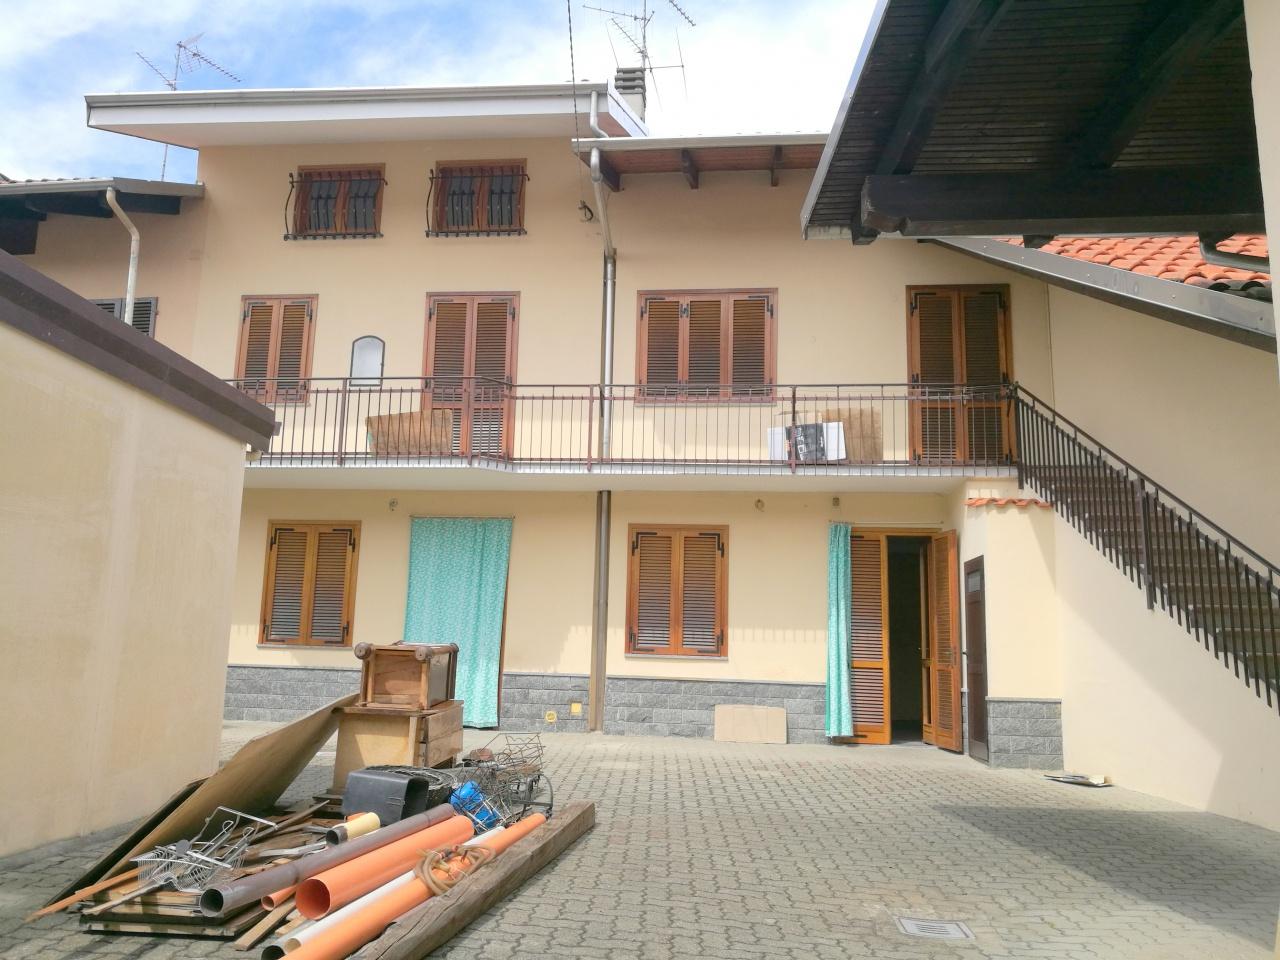 Soluzione Indipendente in vendita a Saluggia, 10 locali, prezzo € 99.000 | CambioCasa.it